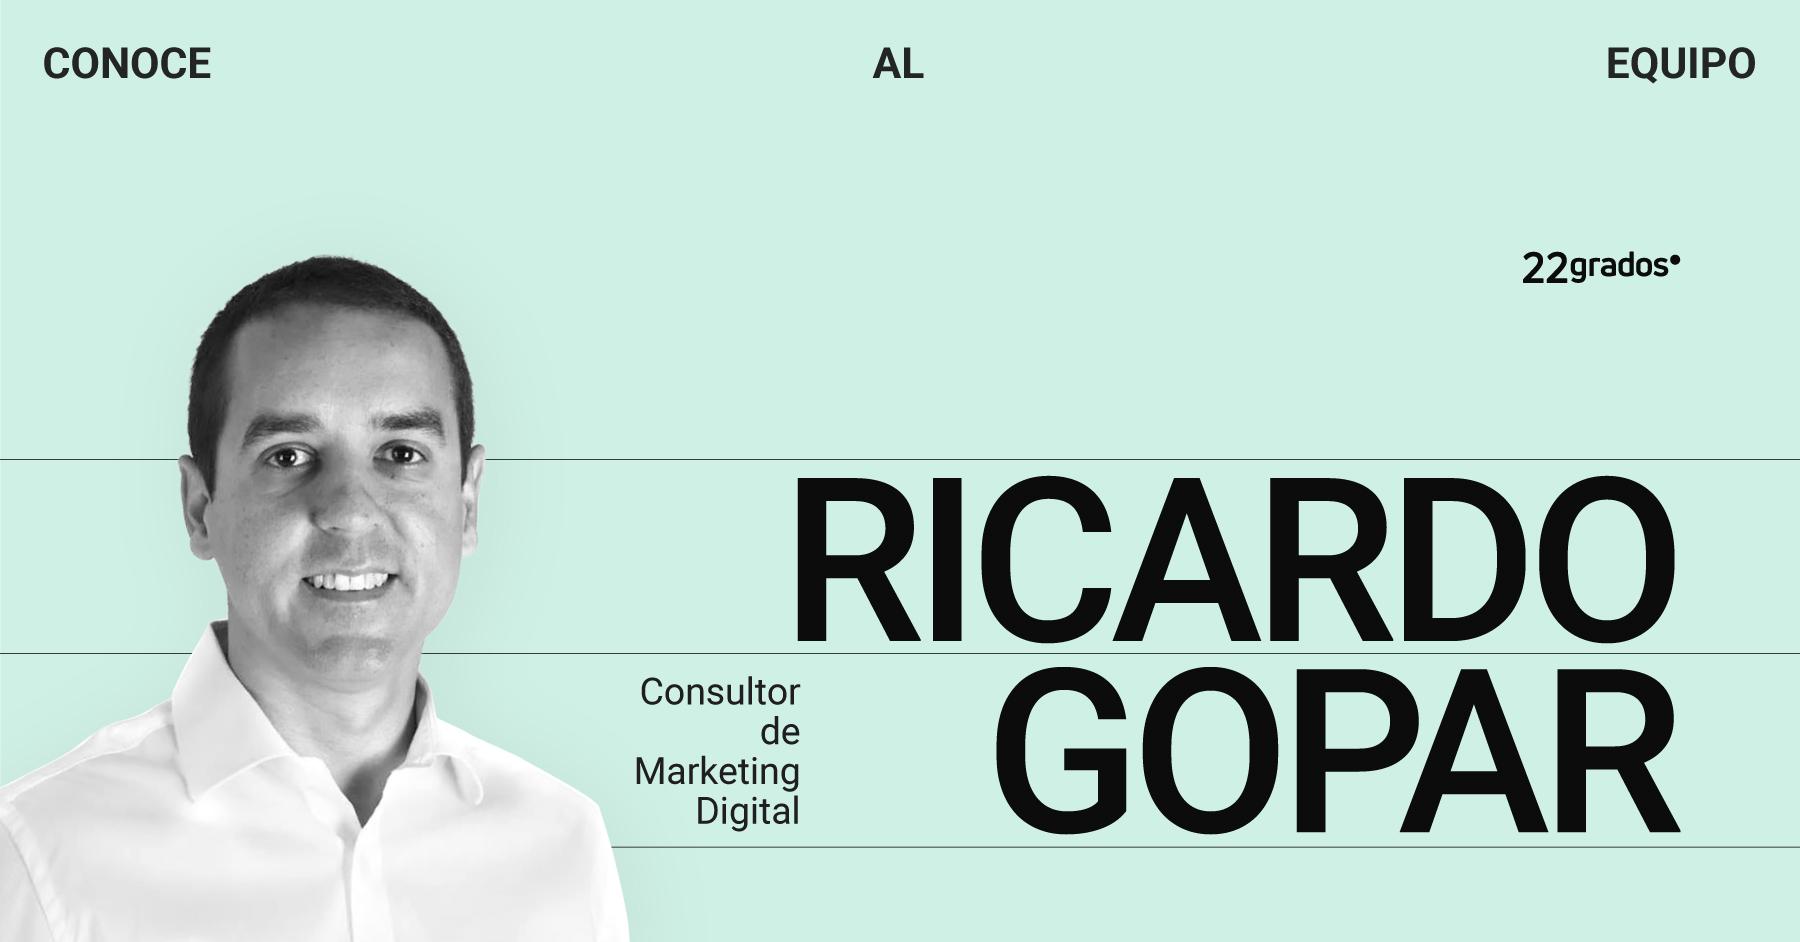 Conoce a Ricardo Gopar, <br> nuevo consultor de 22grados